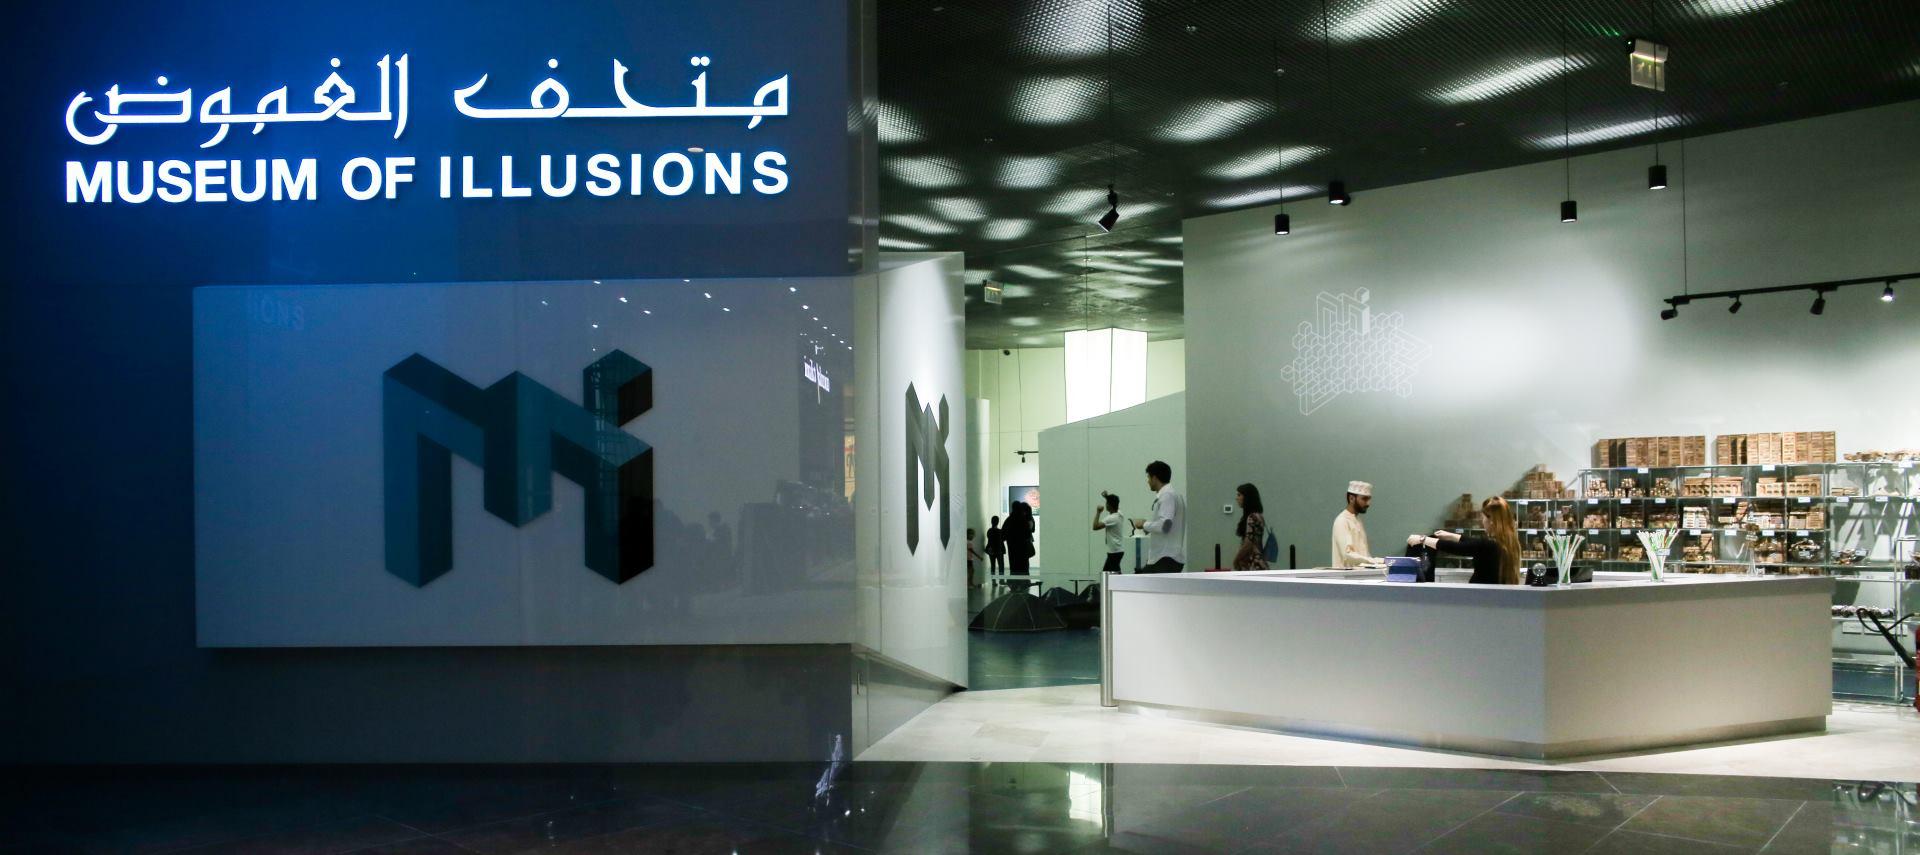 Muzej Iluzija otvorio vrata u Omanu, zagrebački muzej dobio dva nova eksponata, a u prosincu se otvara UNICEF-ova izložba